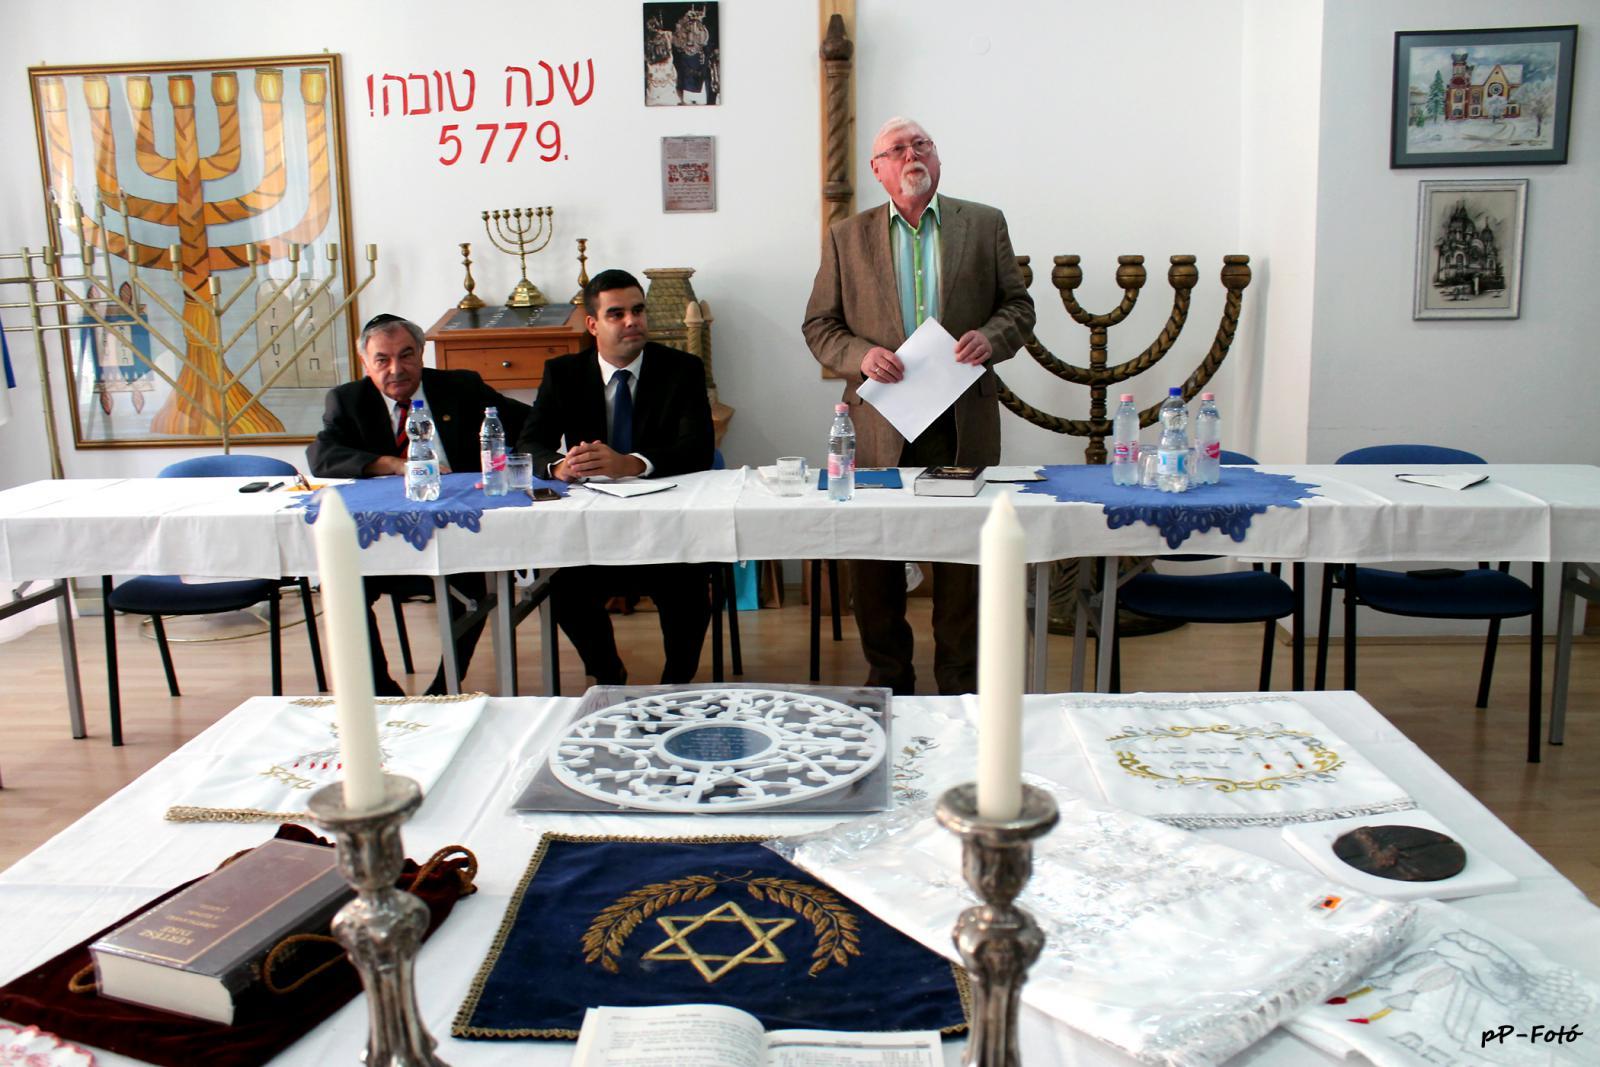 A zsidó újévet ünnepelték - ZalaMédia - A helyi érték 457f88cc4b